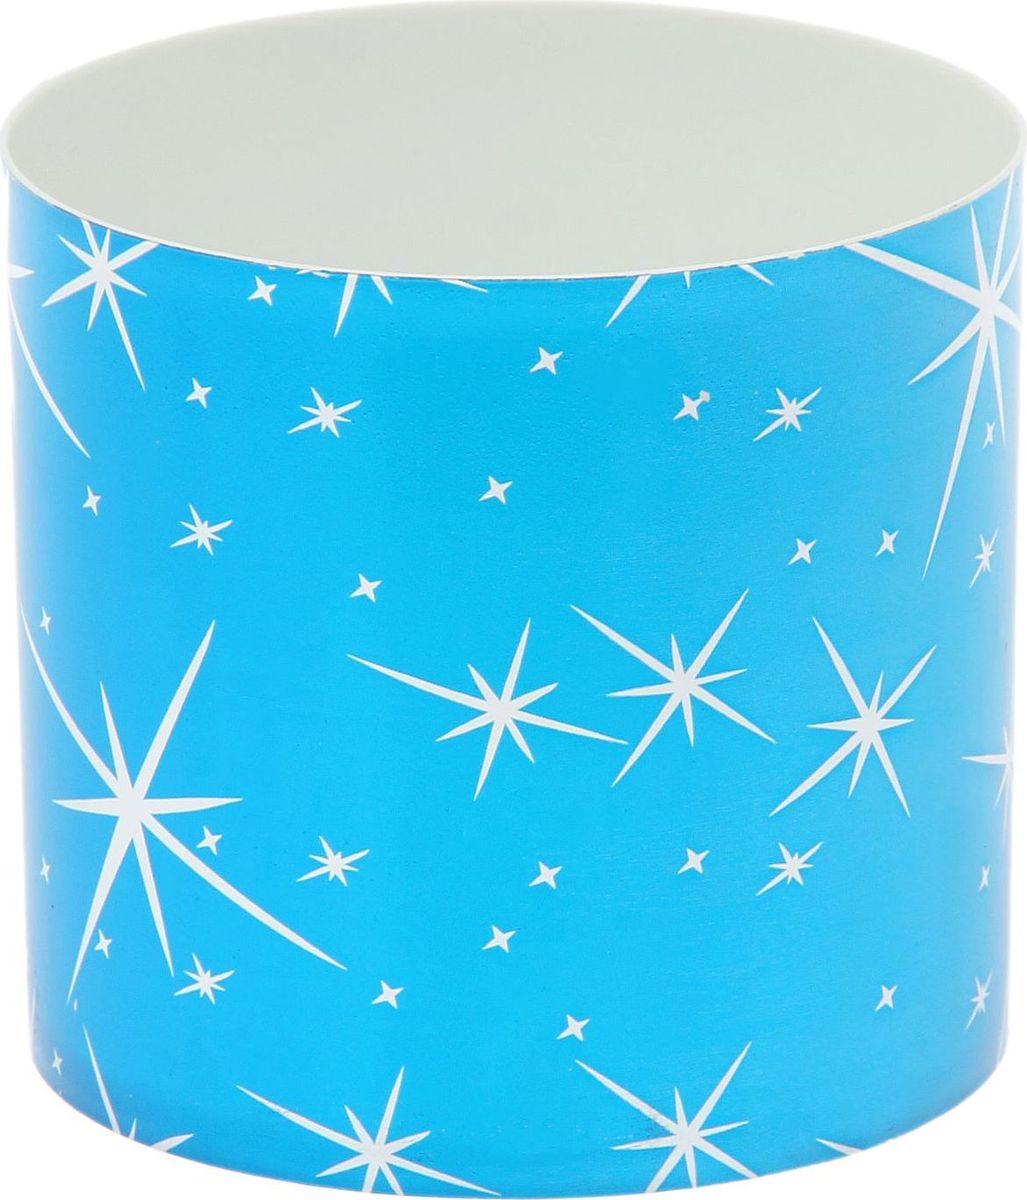 Горшок для цветов Simple Garden Звезды, со скрытым поддоном, 1 л1915385Любой, даже самый современный и продуманный интерьер будет незавершенным без растений. Они не только очищают воздух и насыщают его кислородом, но и украшают окружающее пространство. Такому полезному члену семьи просто необходим красивый и функциональный дом! Оптимальный выбор материала — пластмасса! Почему мы так считаем? Малый вес. С легкостью переносите горшки и кашпо с места на место, ставьте их на столики или полки, не беспокоясь о нагрузке. Простота ухода. Кашпо не нуждается в специальных условиях хранения. Его легко чистить — достаточно просто сполоснуть теплой водой. Никаких потертостей. Такие кашпо не царапают и не загрязняют поверхности, на которых стоят. Пластик дольше хранит влагу, а значит, растение реже нуждается в поливе. Пластмасса не пропускает воздух — корневой системе растения не грозят резкие перепады температур. Огромный выбор форм, декора и расцветок — вы без труда найдете что-то, что идеально впишется в уже существующий интерьер. Соблюдая нехитрые правила ухода, вы можете заметно продлить срок службы горшков и кашпо из пластика: всегда учитывайте размер кроны и корневой системы (при разрастании большое растение способно повредить маленький горшок) берегите изделие от воздействия прямых солнечных лучей, чтобы горшки не выцветали держите кашпо из пластика подальше от нагревающихся поверхностей. Создавайте прекрасные цветочные композиции, выращивайте рассаду или необычные растения.